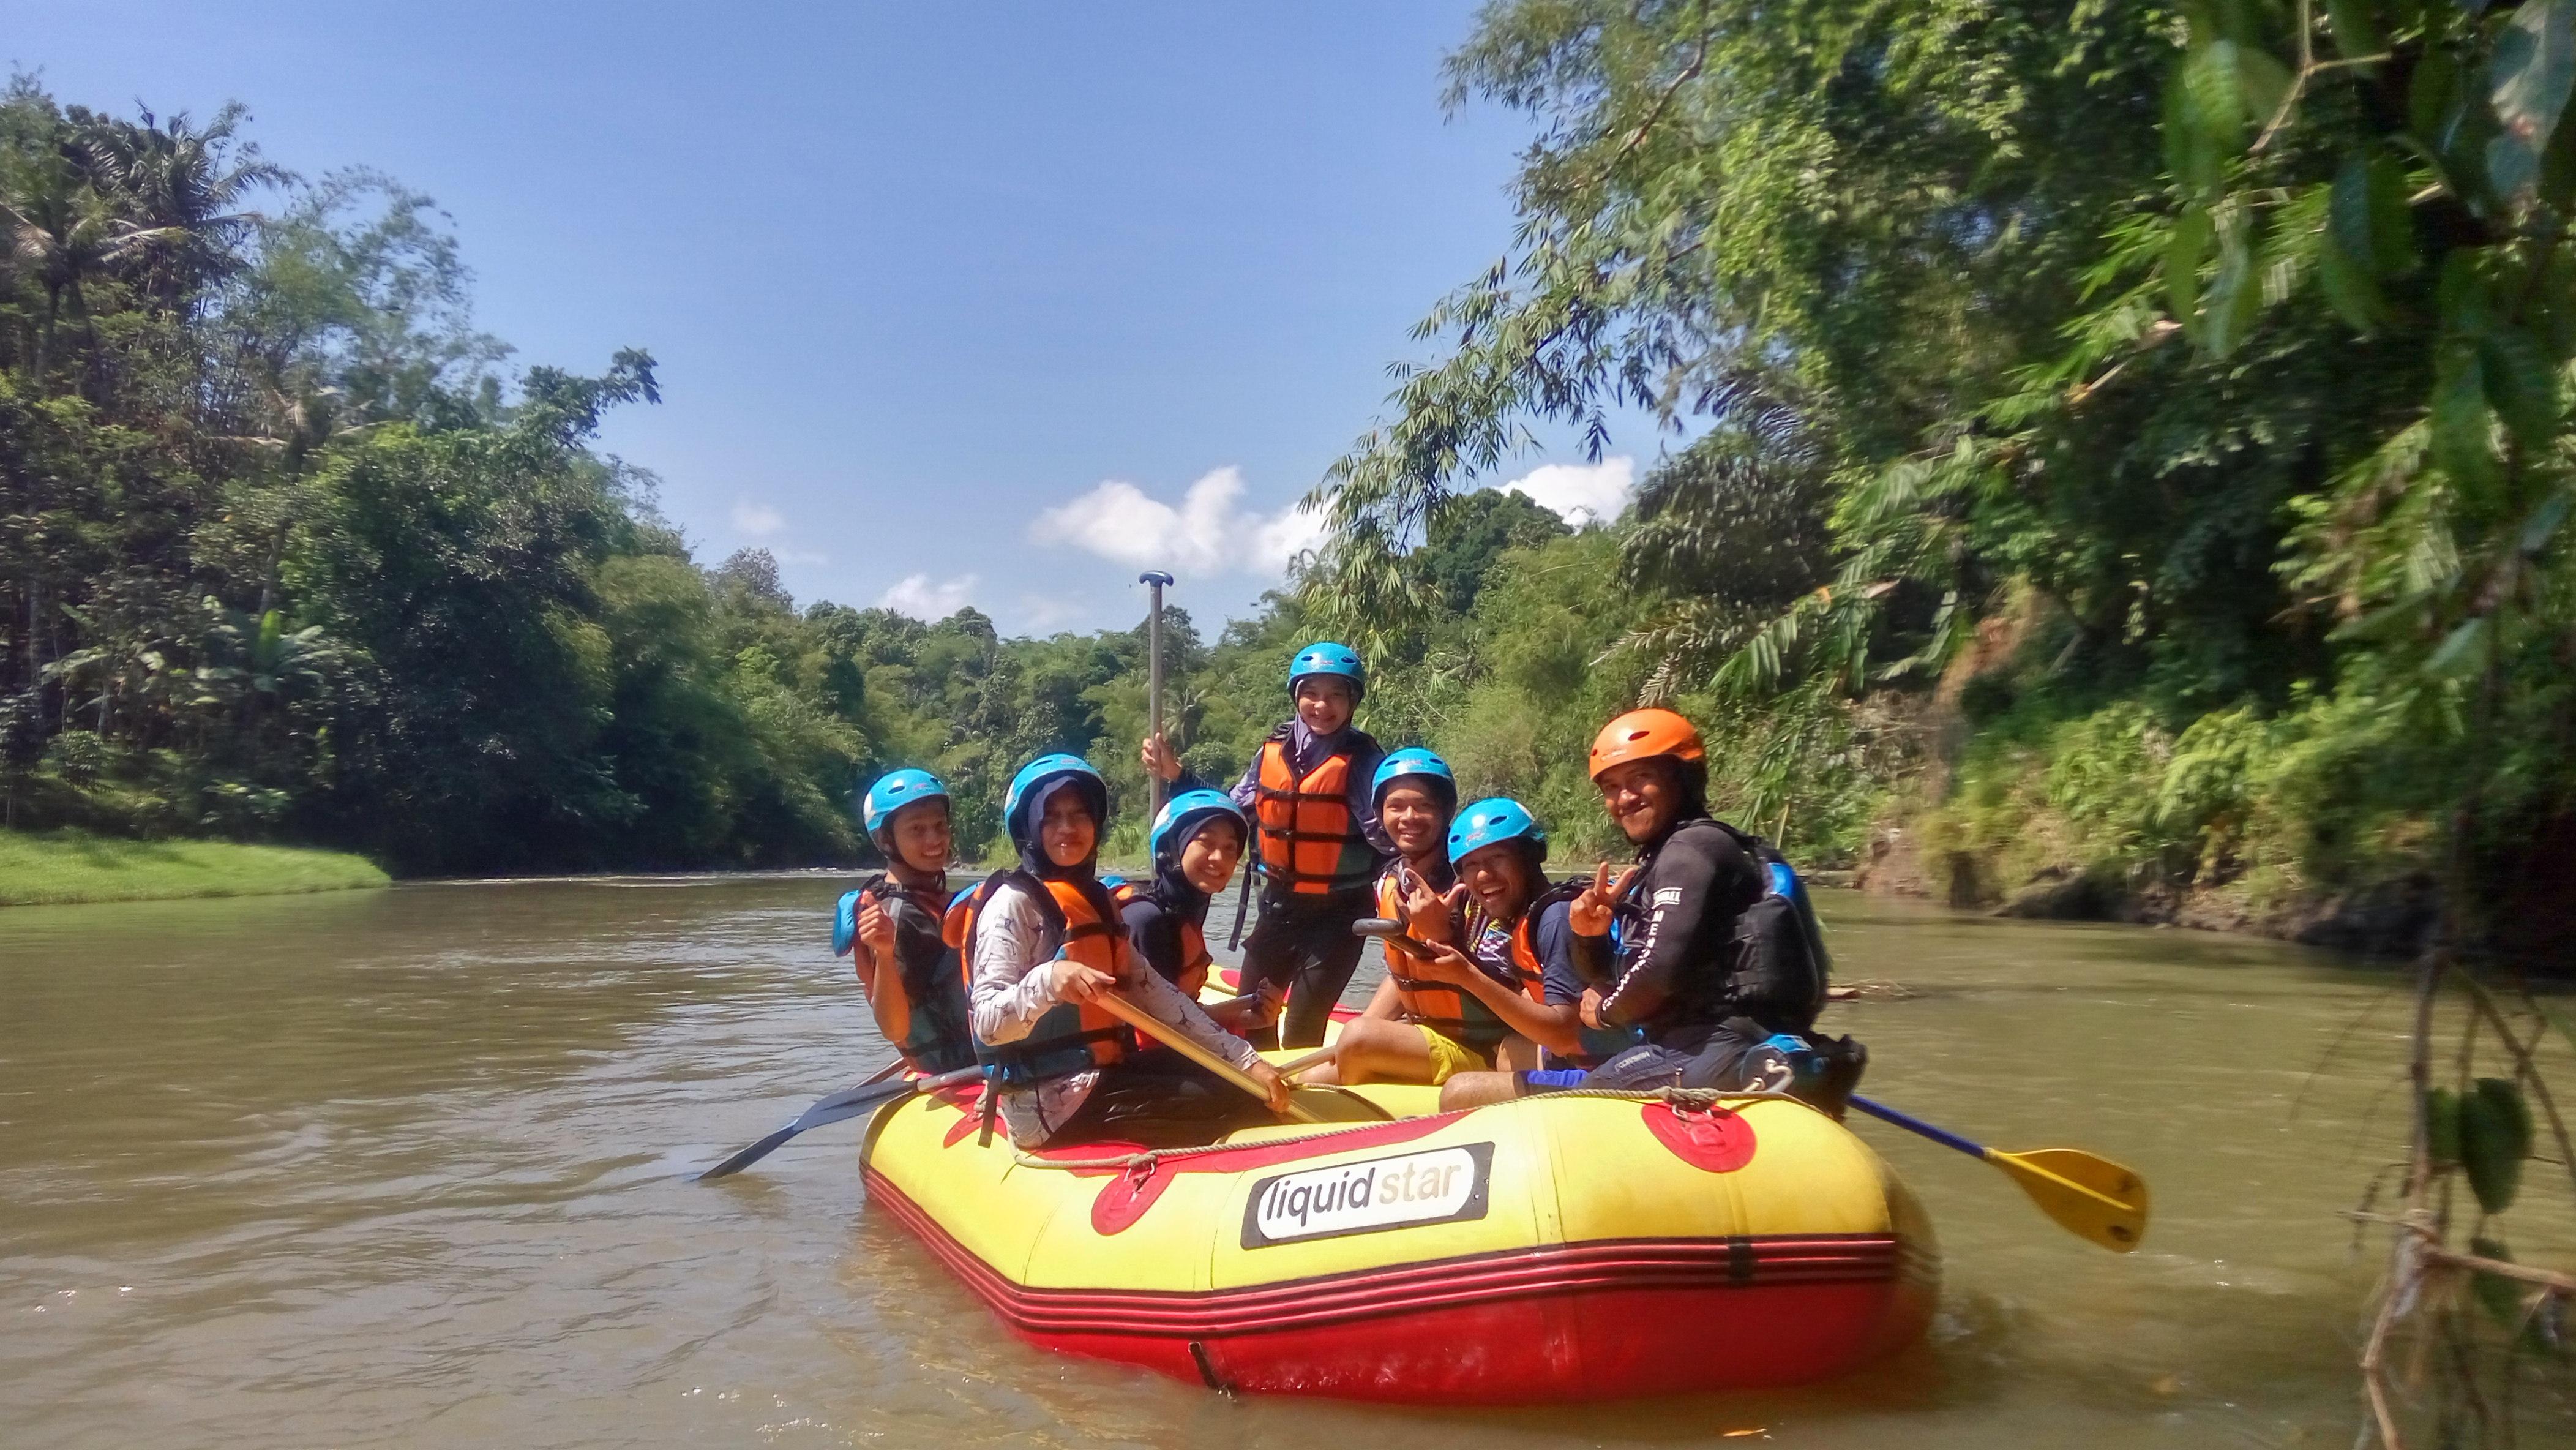 rafting mendut rafting arung jeram sungai elo rafting sungai elo